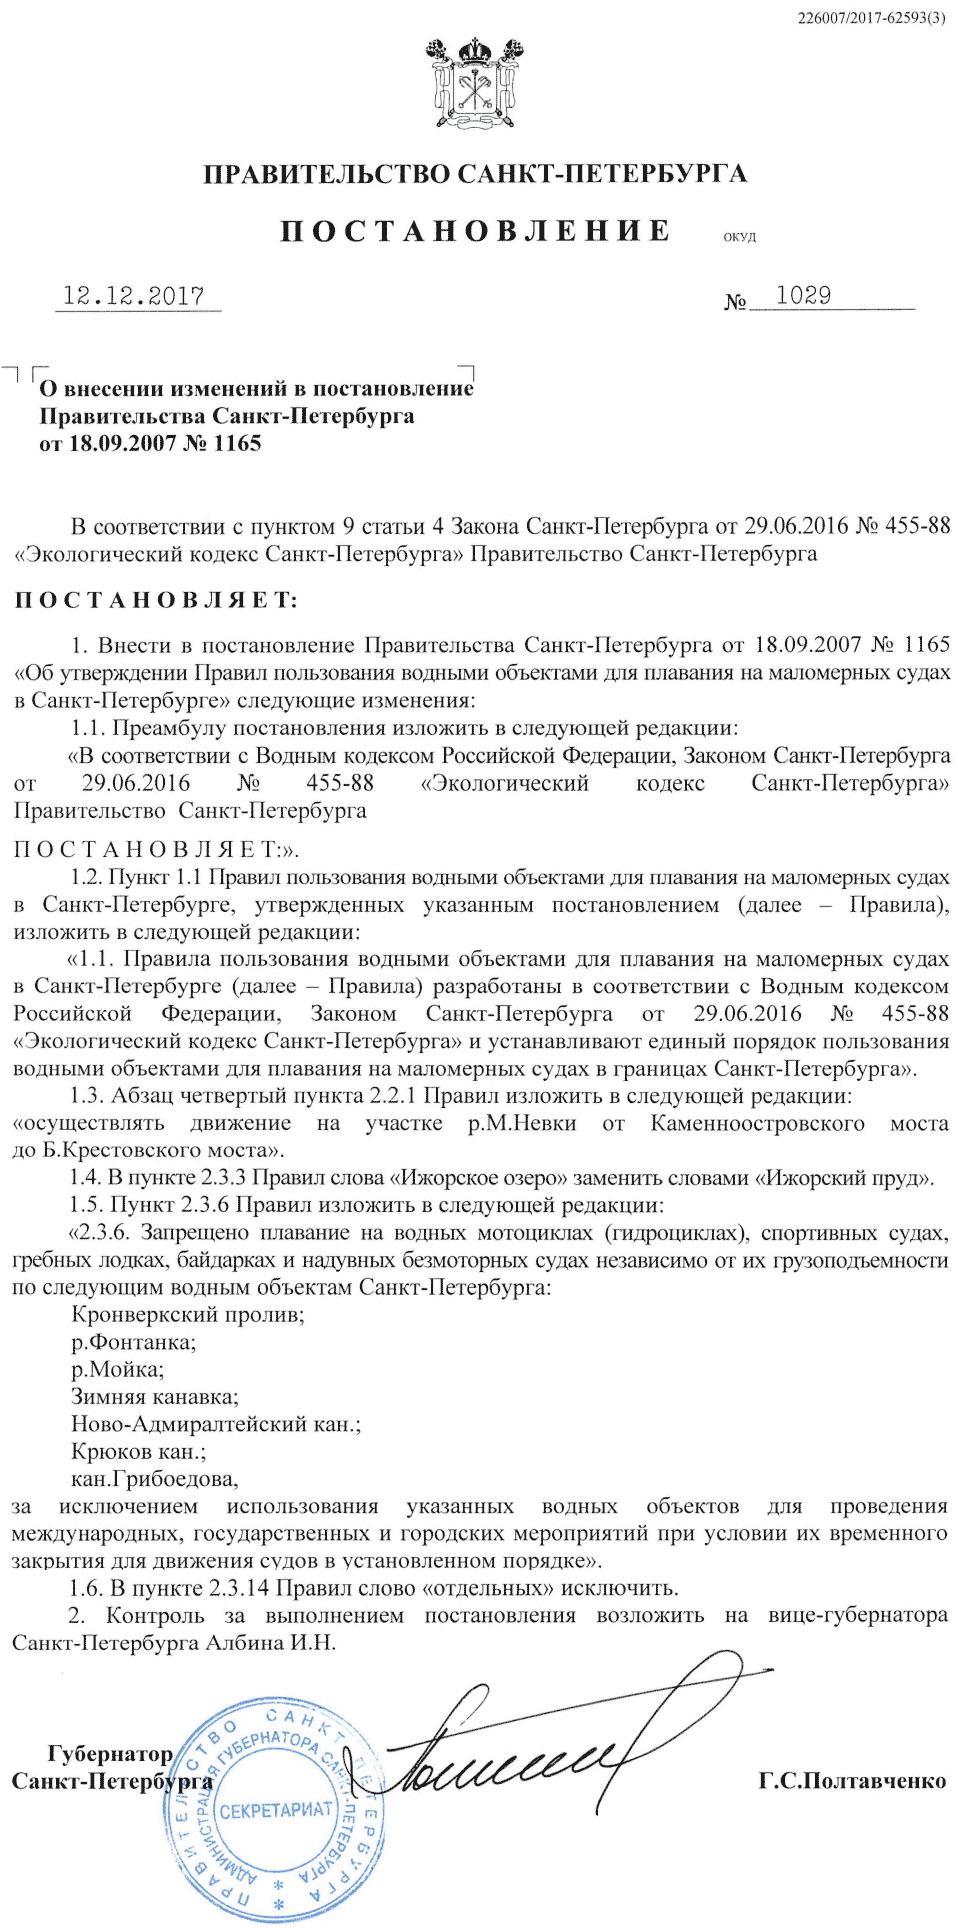 Постановление запрещающее выходить на воду рек и каналов Санкт-Петербурга на каяках байдарках САП SUP Гребных судах